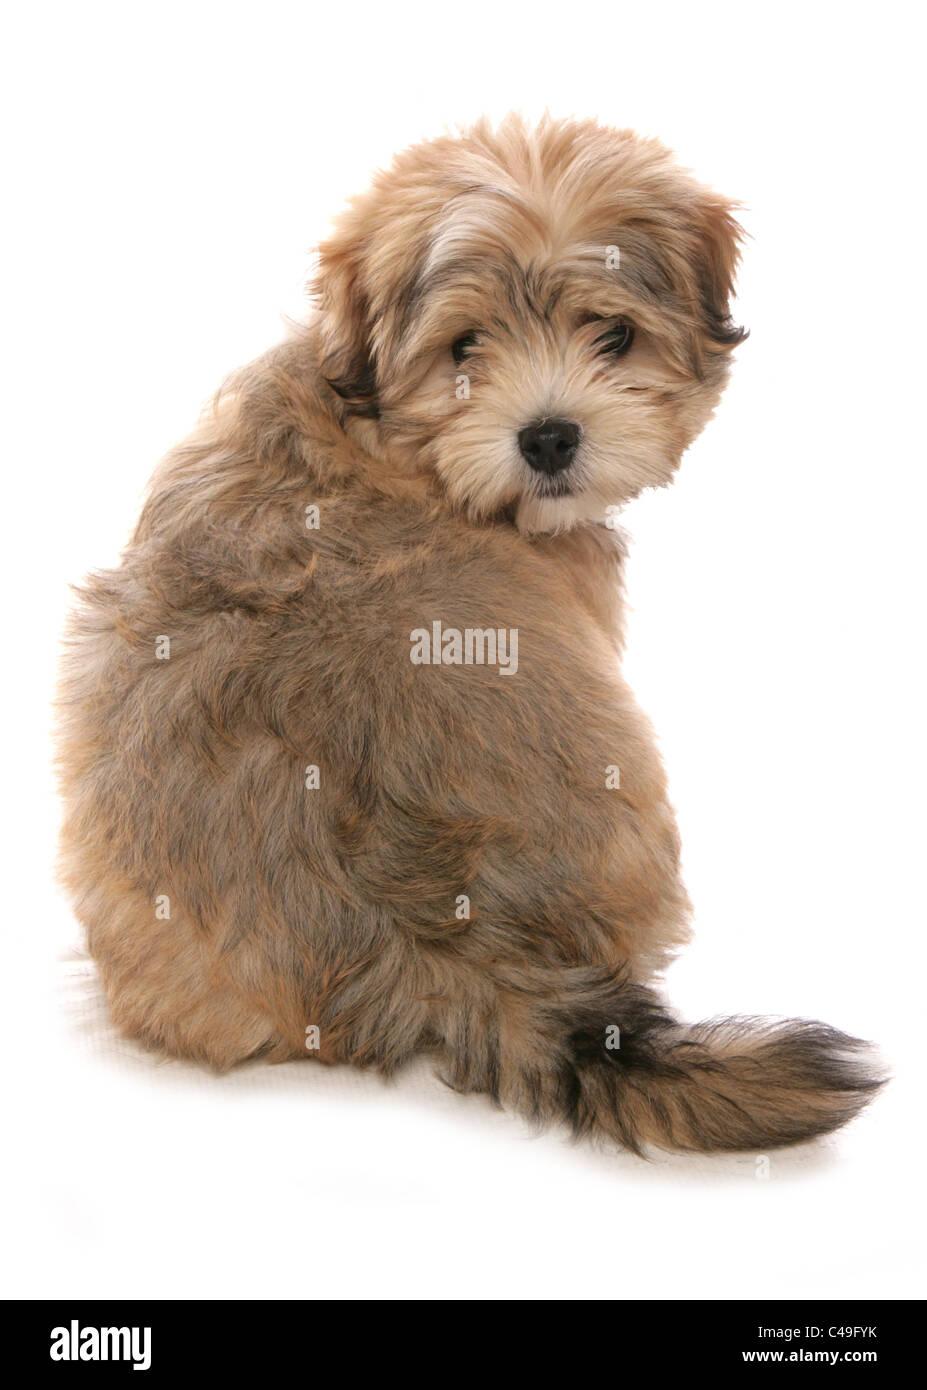 Malshi Maltese Cross Shih Tzu Hybrid Single Puppy Sitting In Studio